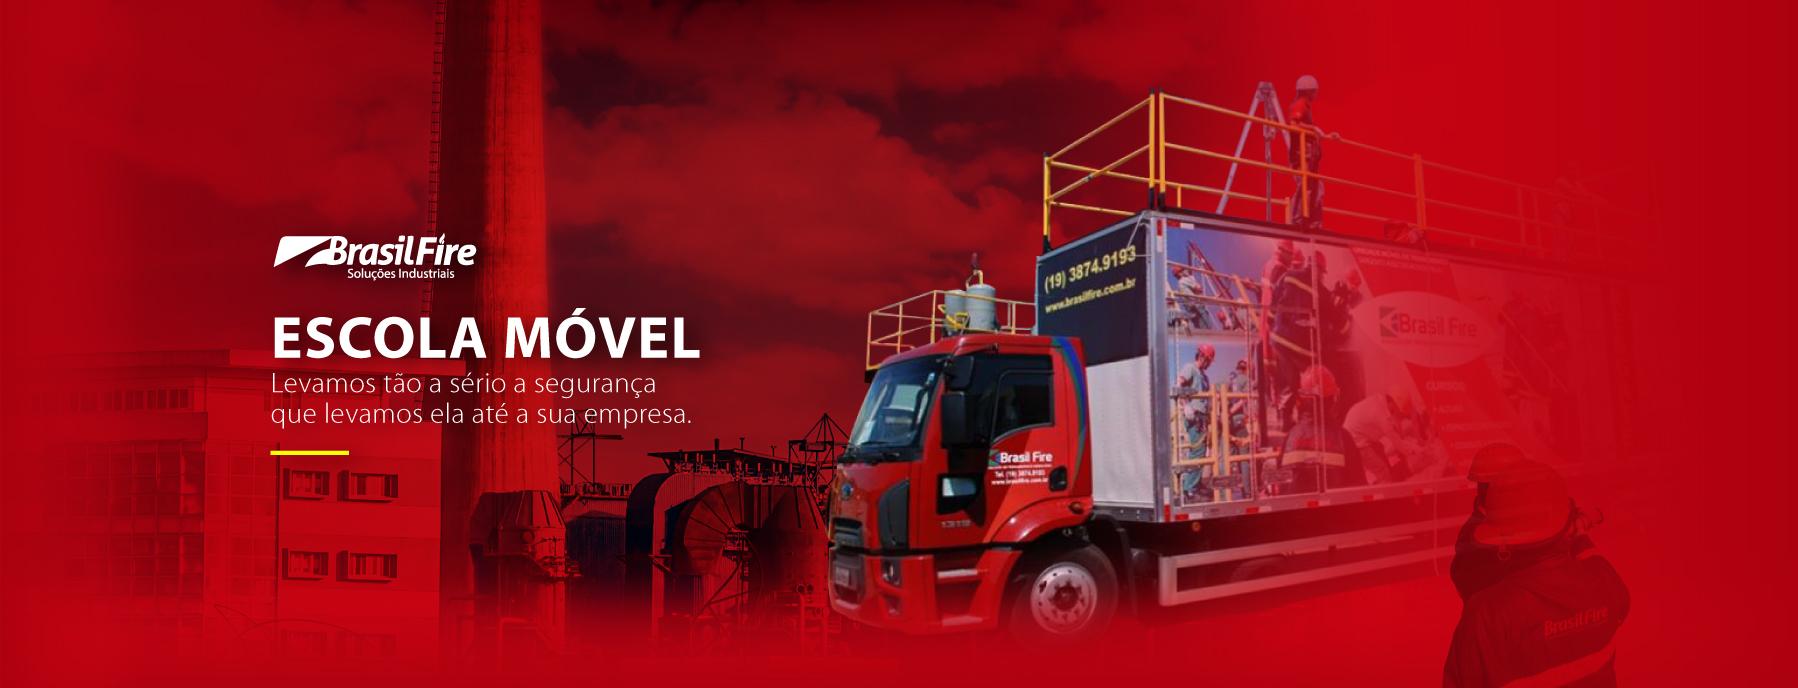 Banner-escola-movel-brasil-fire